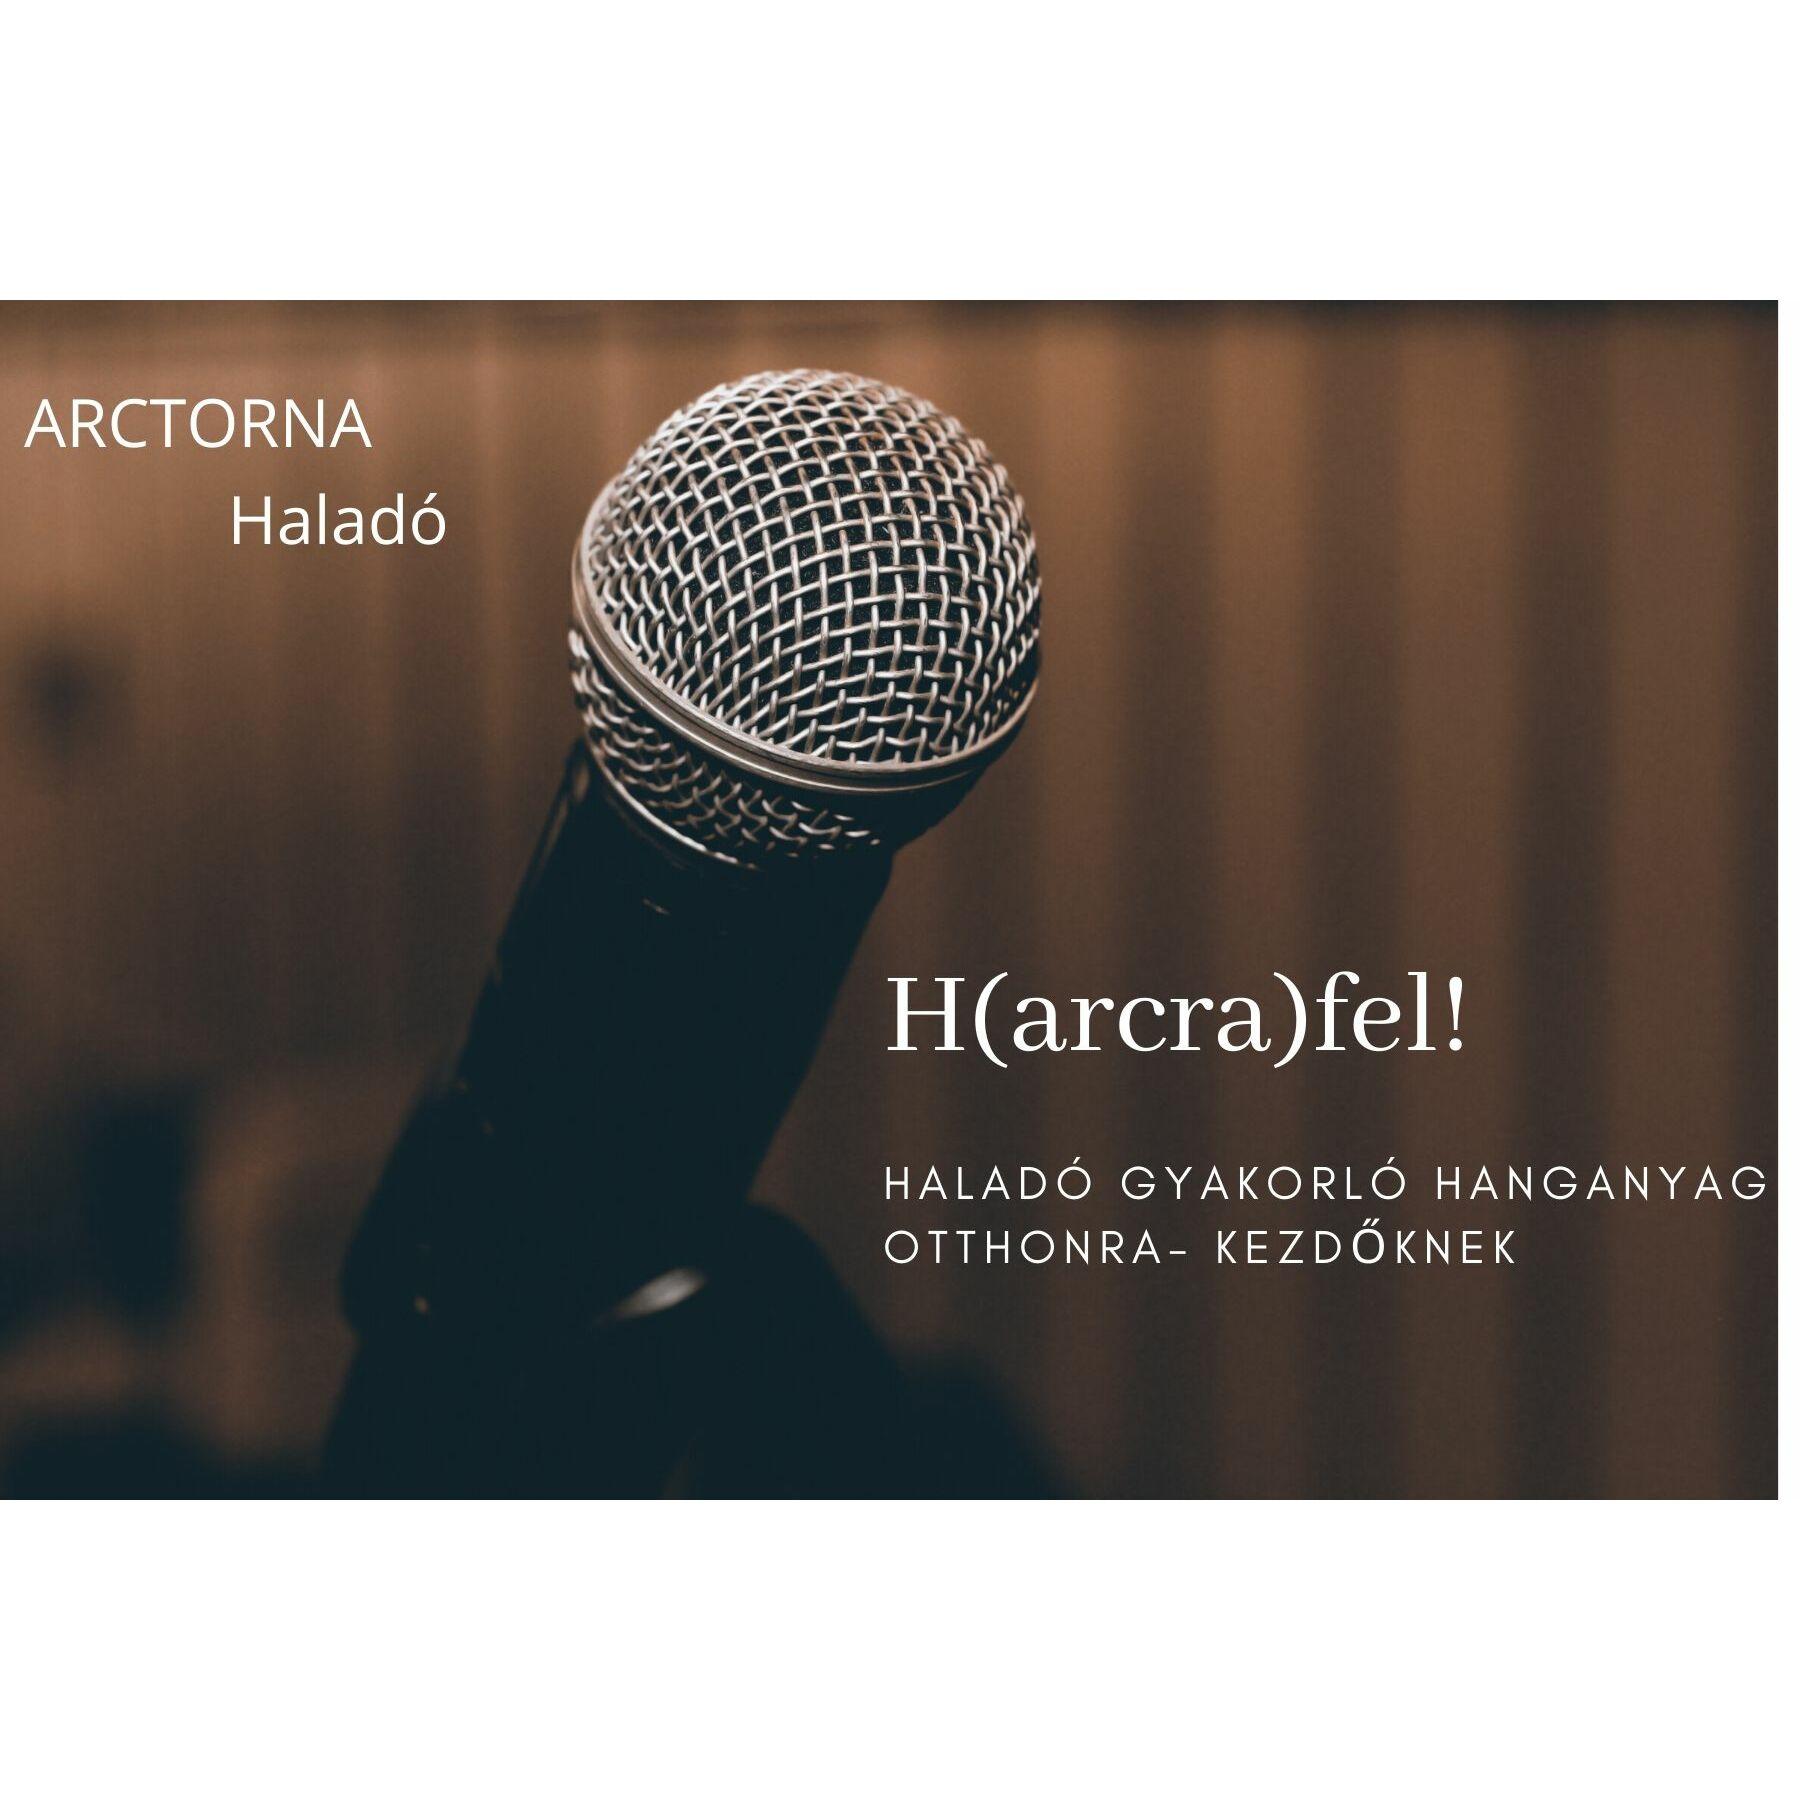 H(ARCRA)FEL! ONLINE GYAKORLÓ PROGRAM KEZDŐKNEK IV. NEGYEDÉV